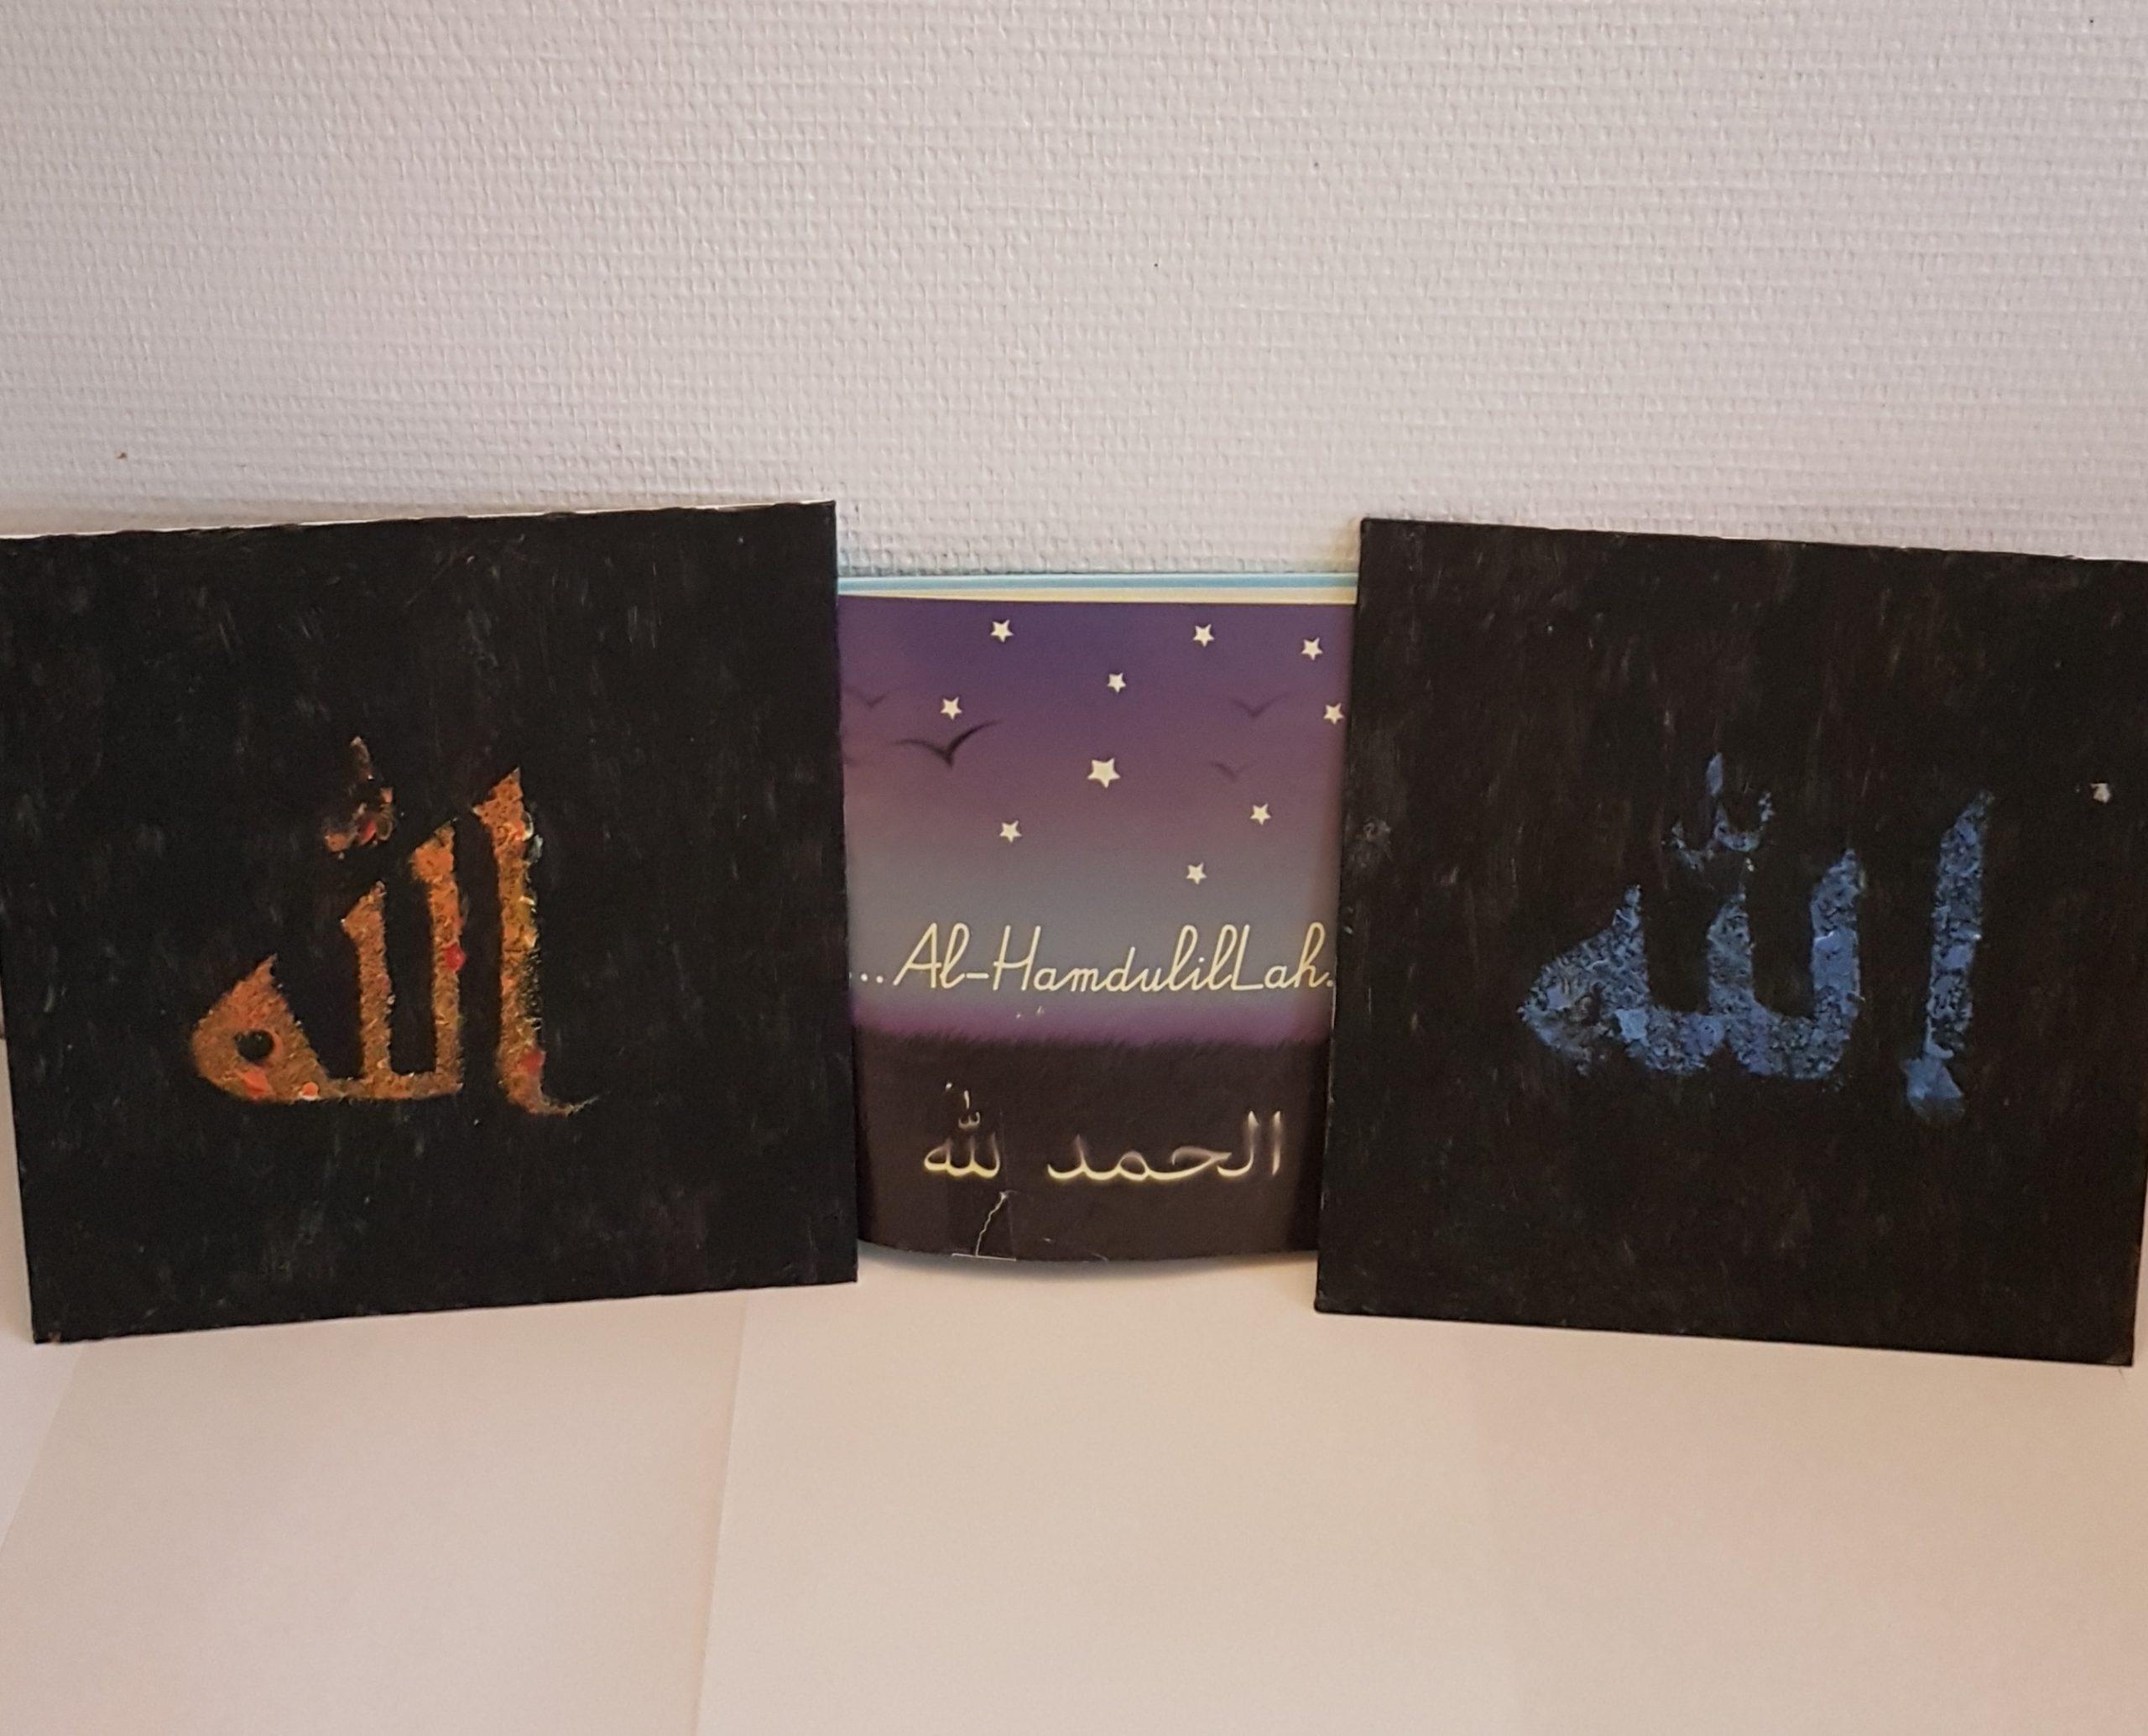 Activité autour du mot Allah